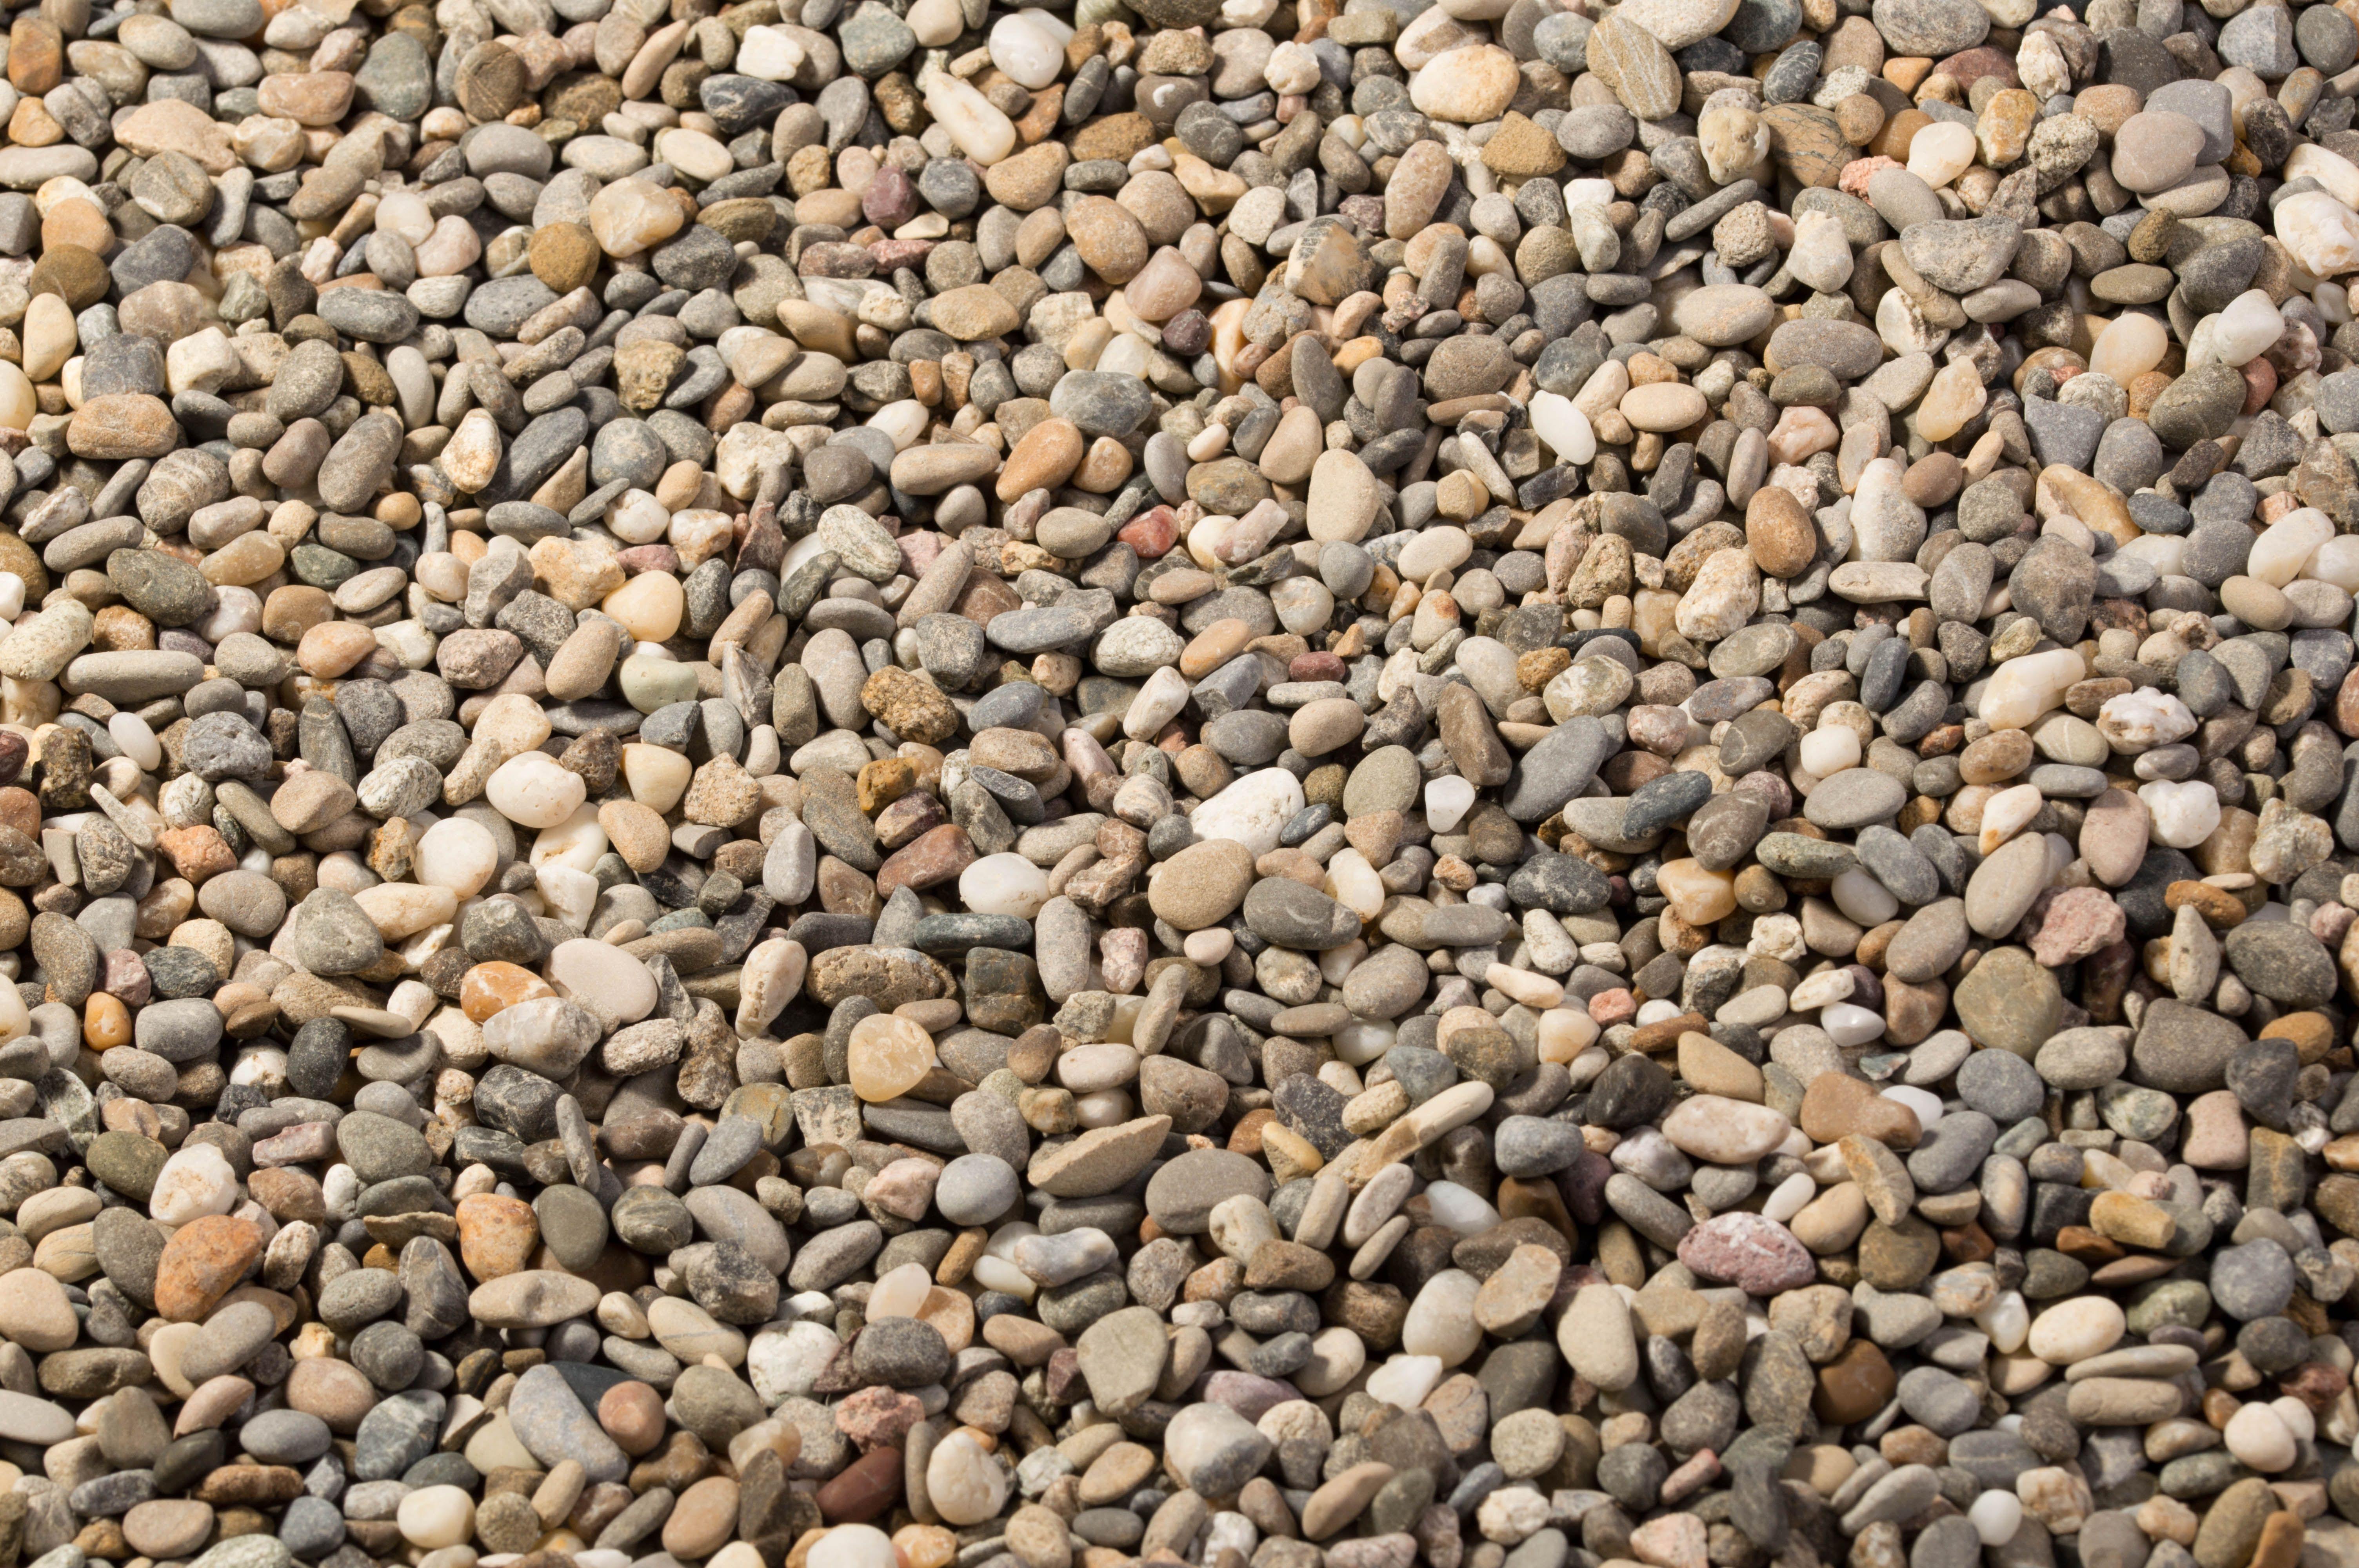 Gravier rhin 4/7 mm est une roche naturelle en mélange gris foncé ...